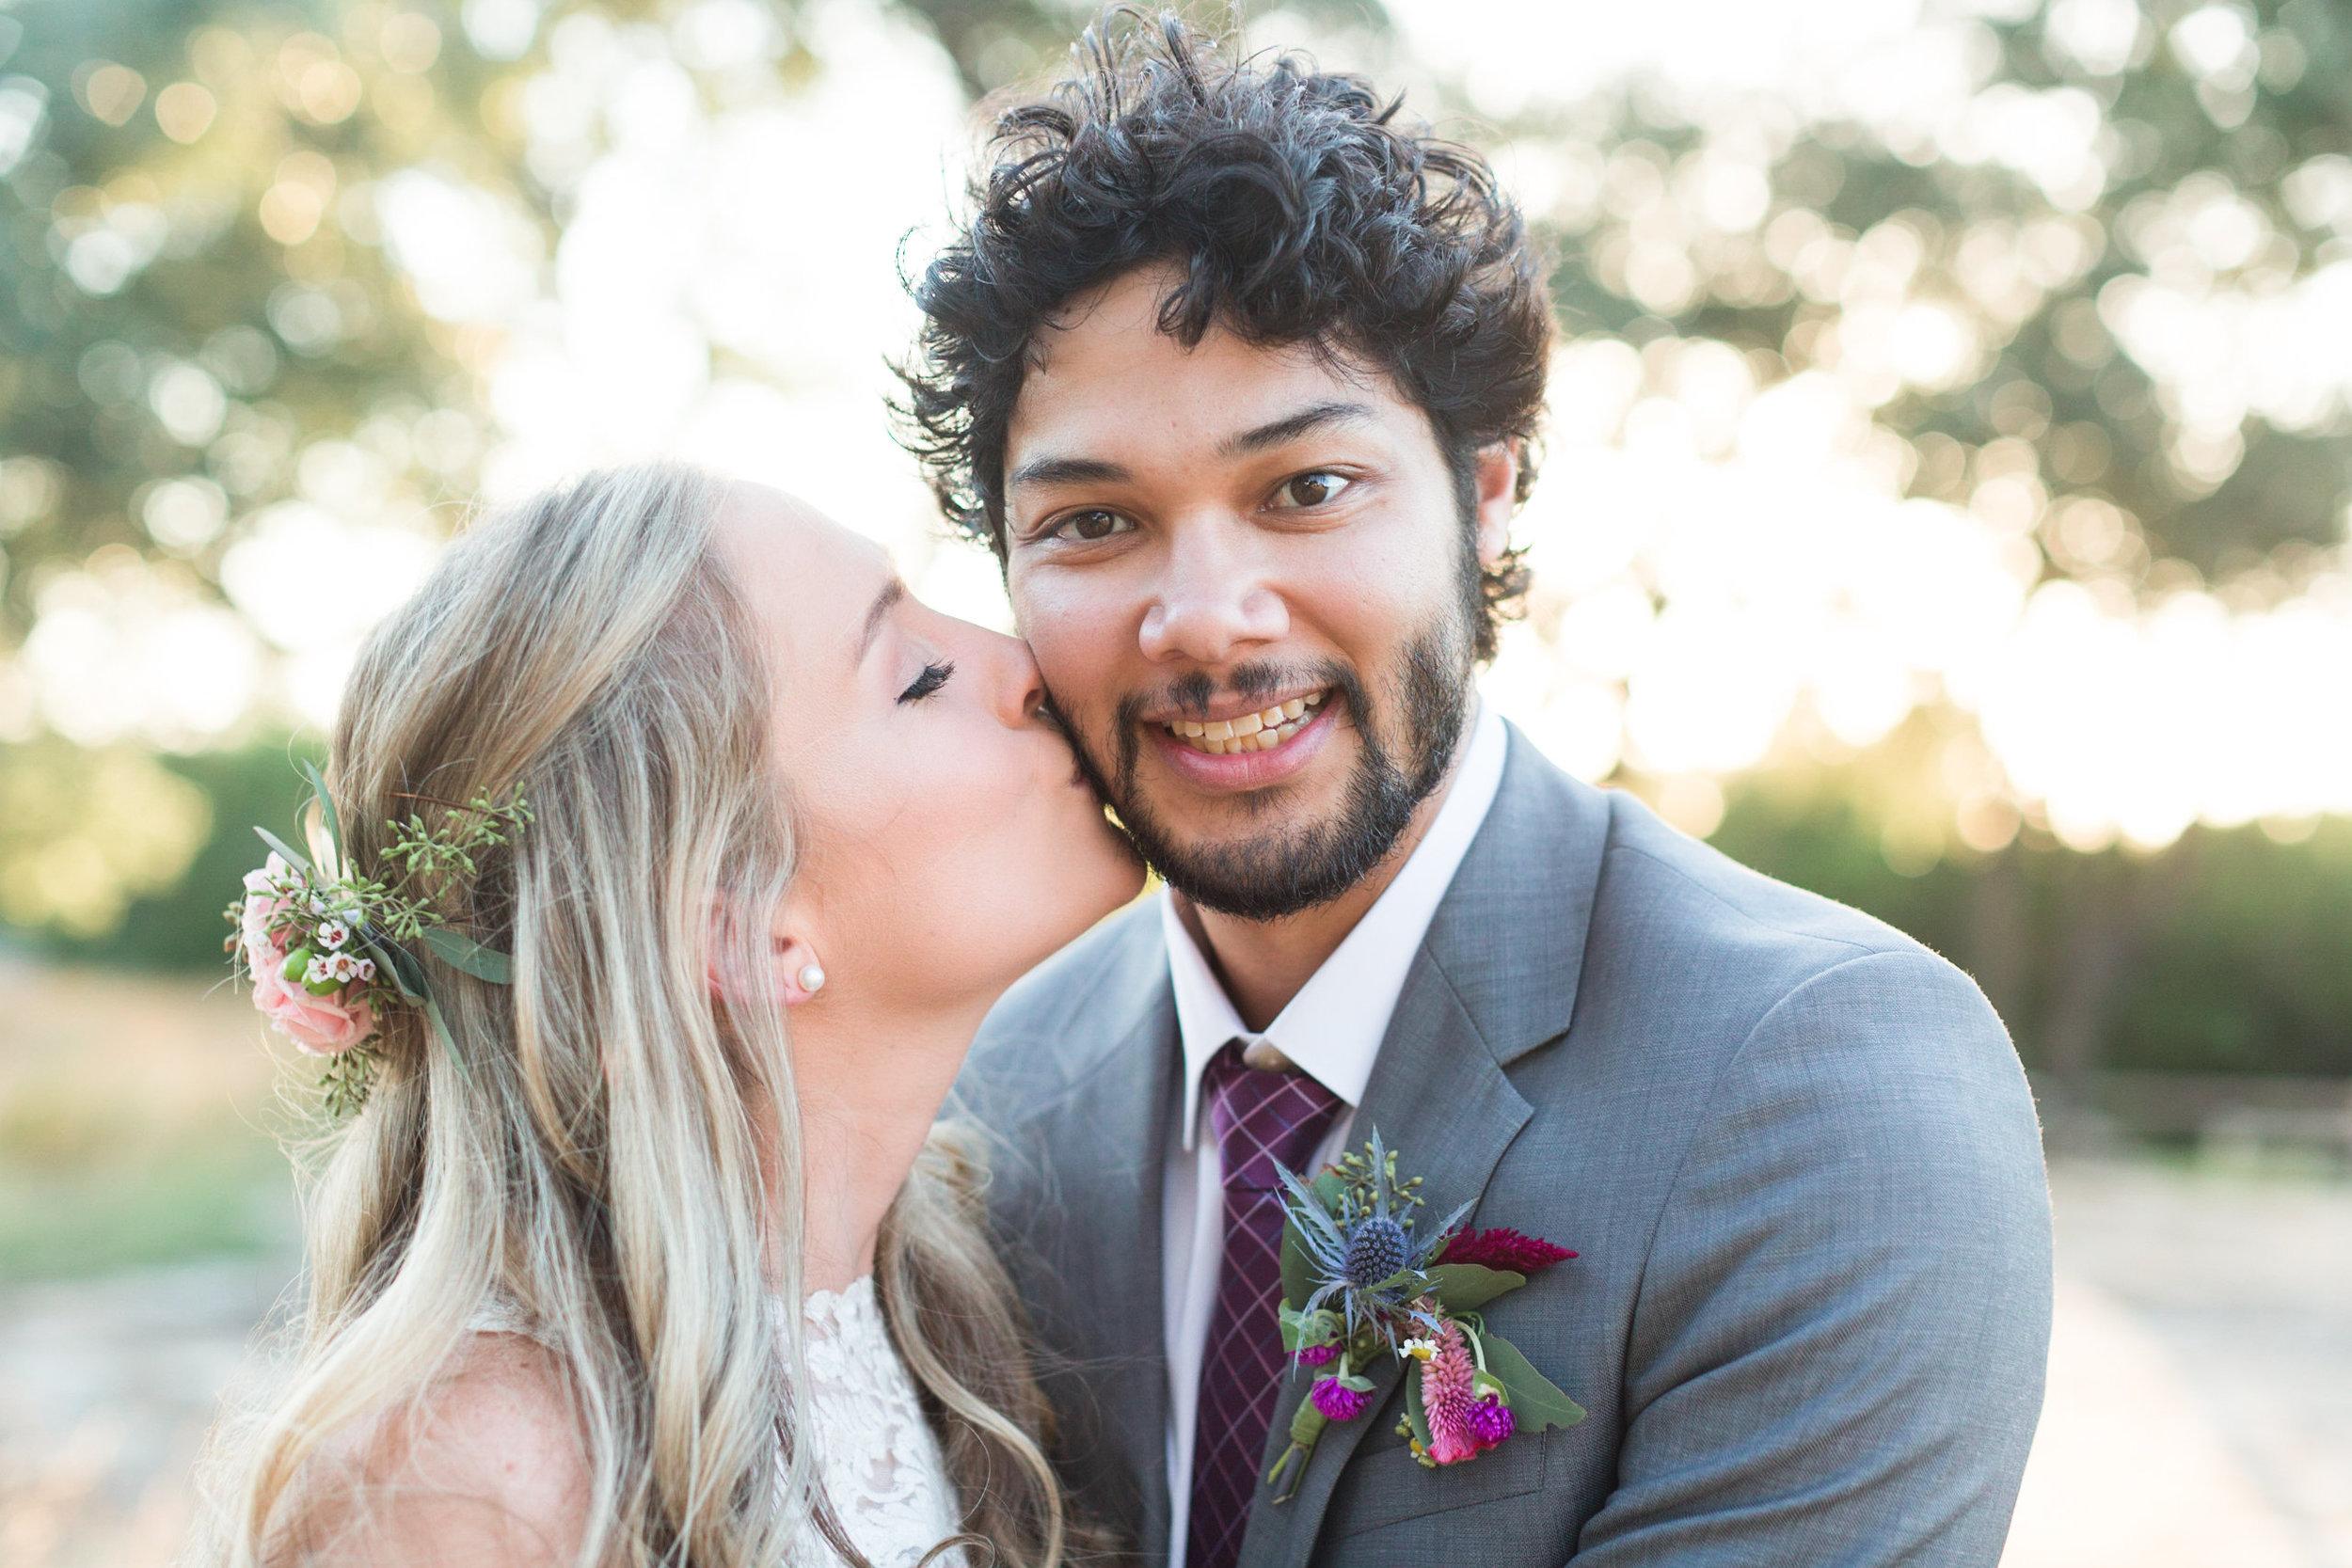 Half Up Half Down Bridal Hairstyles - Heritage House Wedding - Georgetown, Texas Wedding Venue